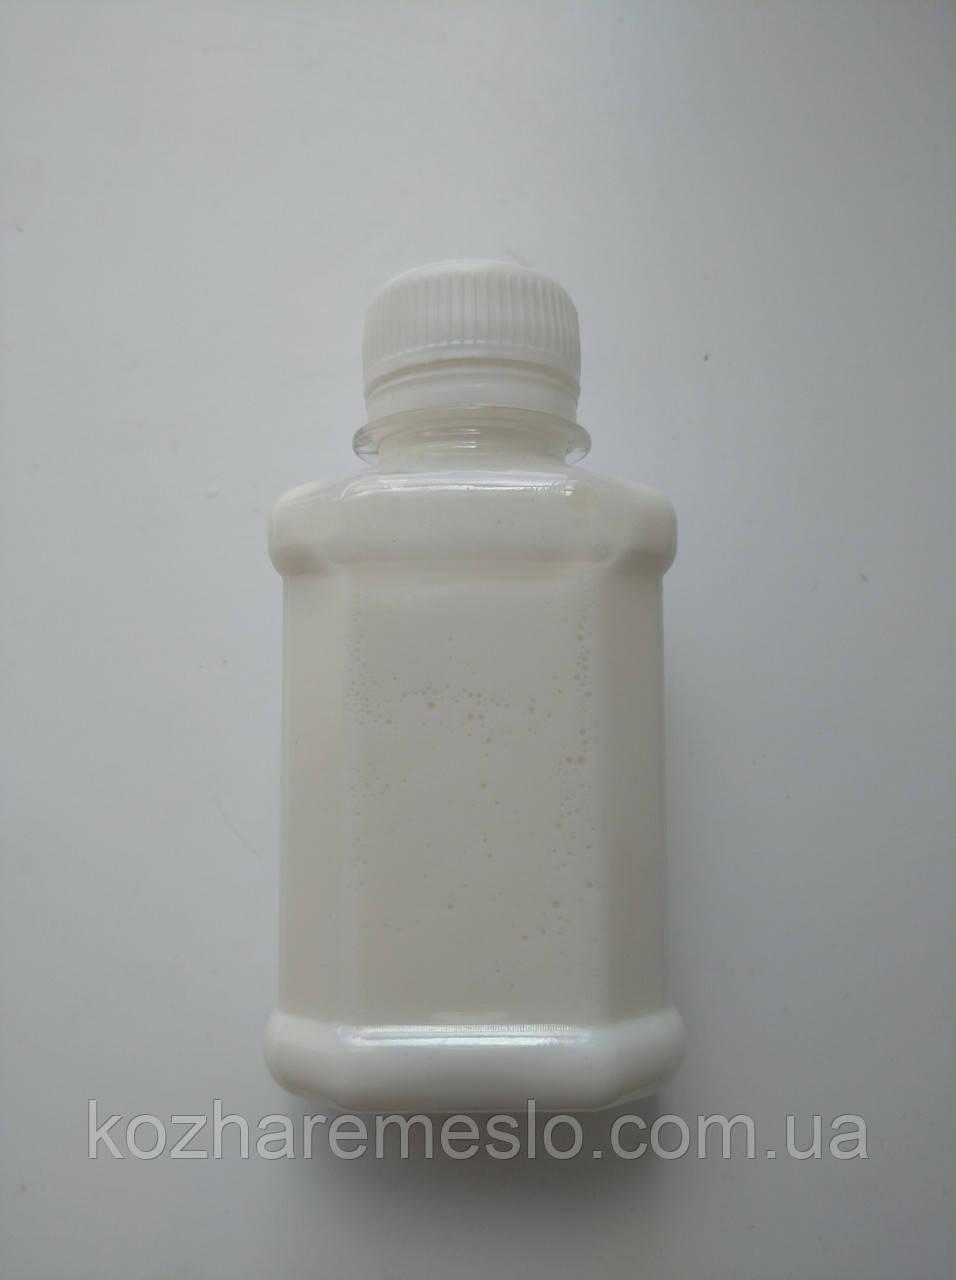 Аппретура для кожи на водной основе FINAL W 200 мл бесцветная матовая